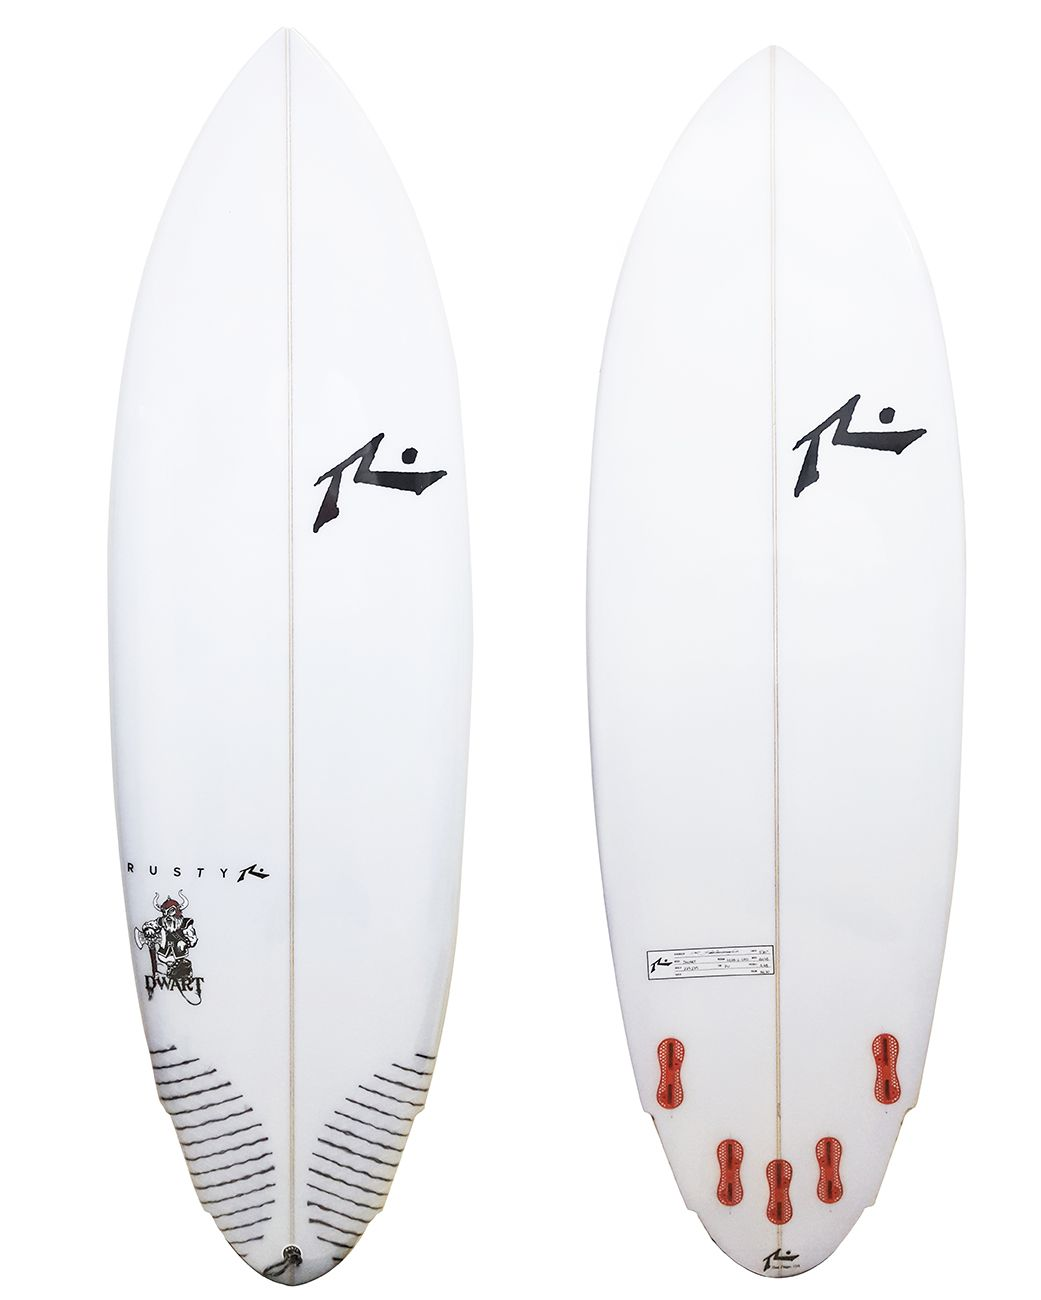 Rusty 5'10'' Dwart FCS II